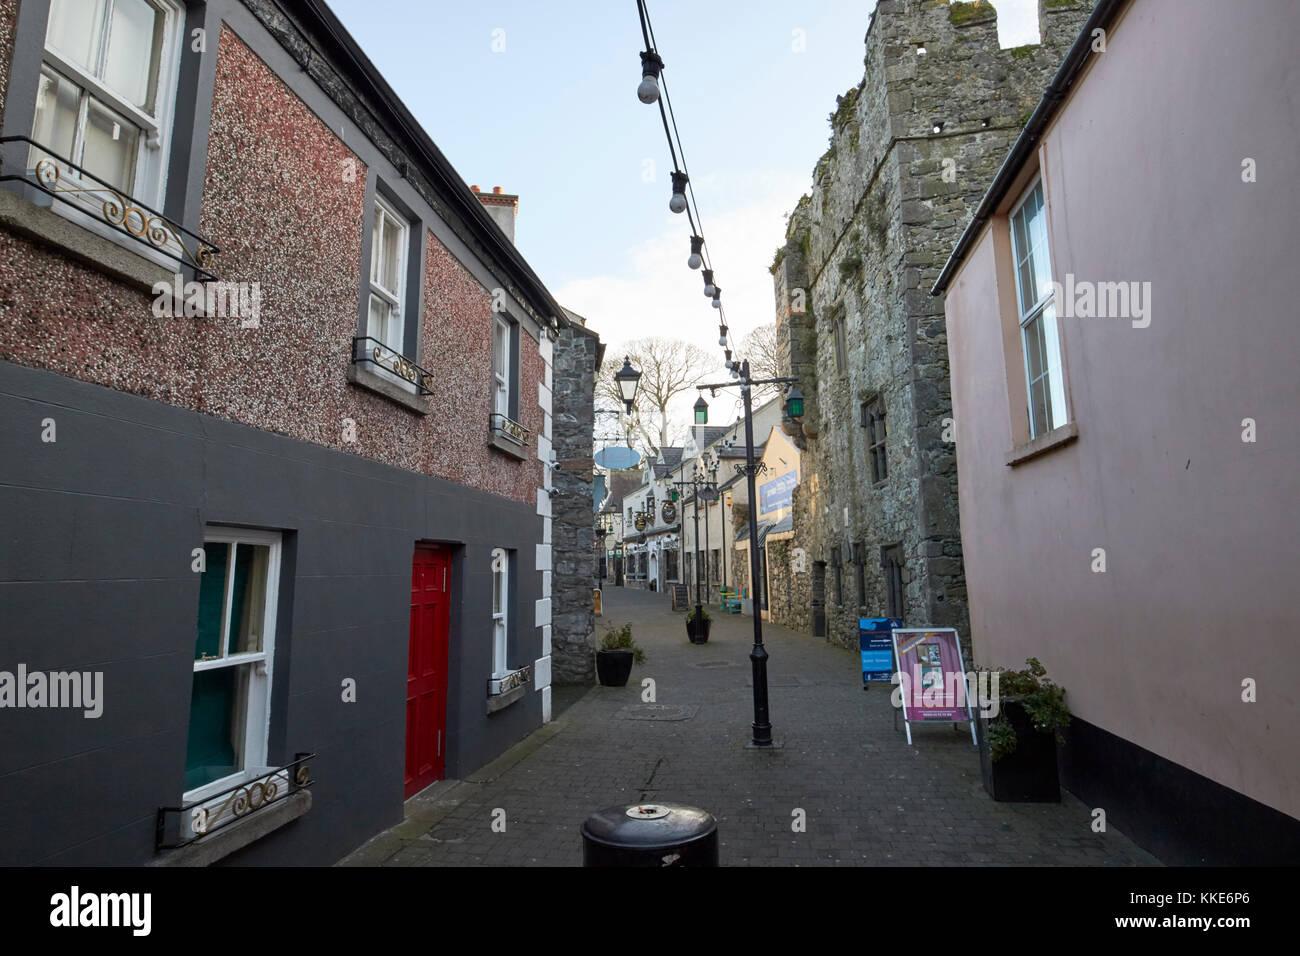 Historique La rue étroite tholsel médiéval carlingford dans le comté de Louth république Photo Stock